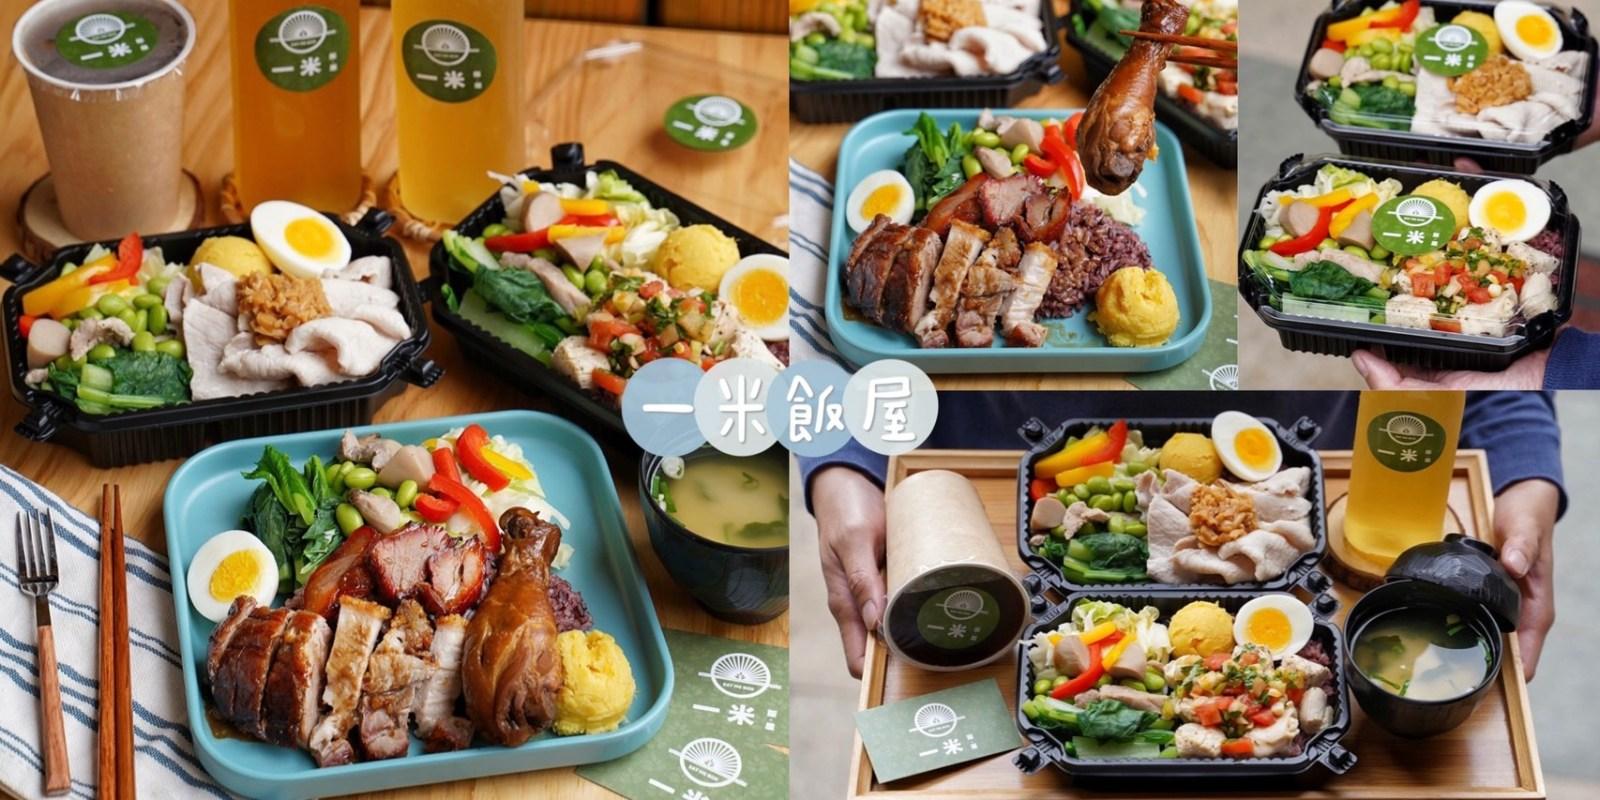 【新竹美食】竹北平價健康餐盒推薦『一米飯屋eatmebox』,低鹽低油結合異國食材料理,選擇豐富,還有舒適寬敞的內用空間!